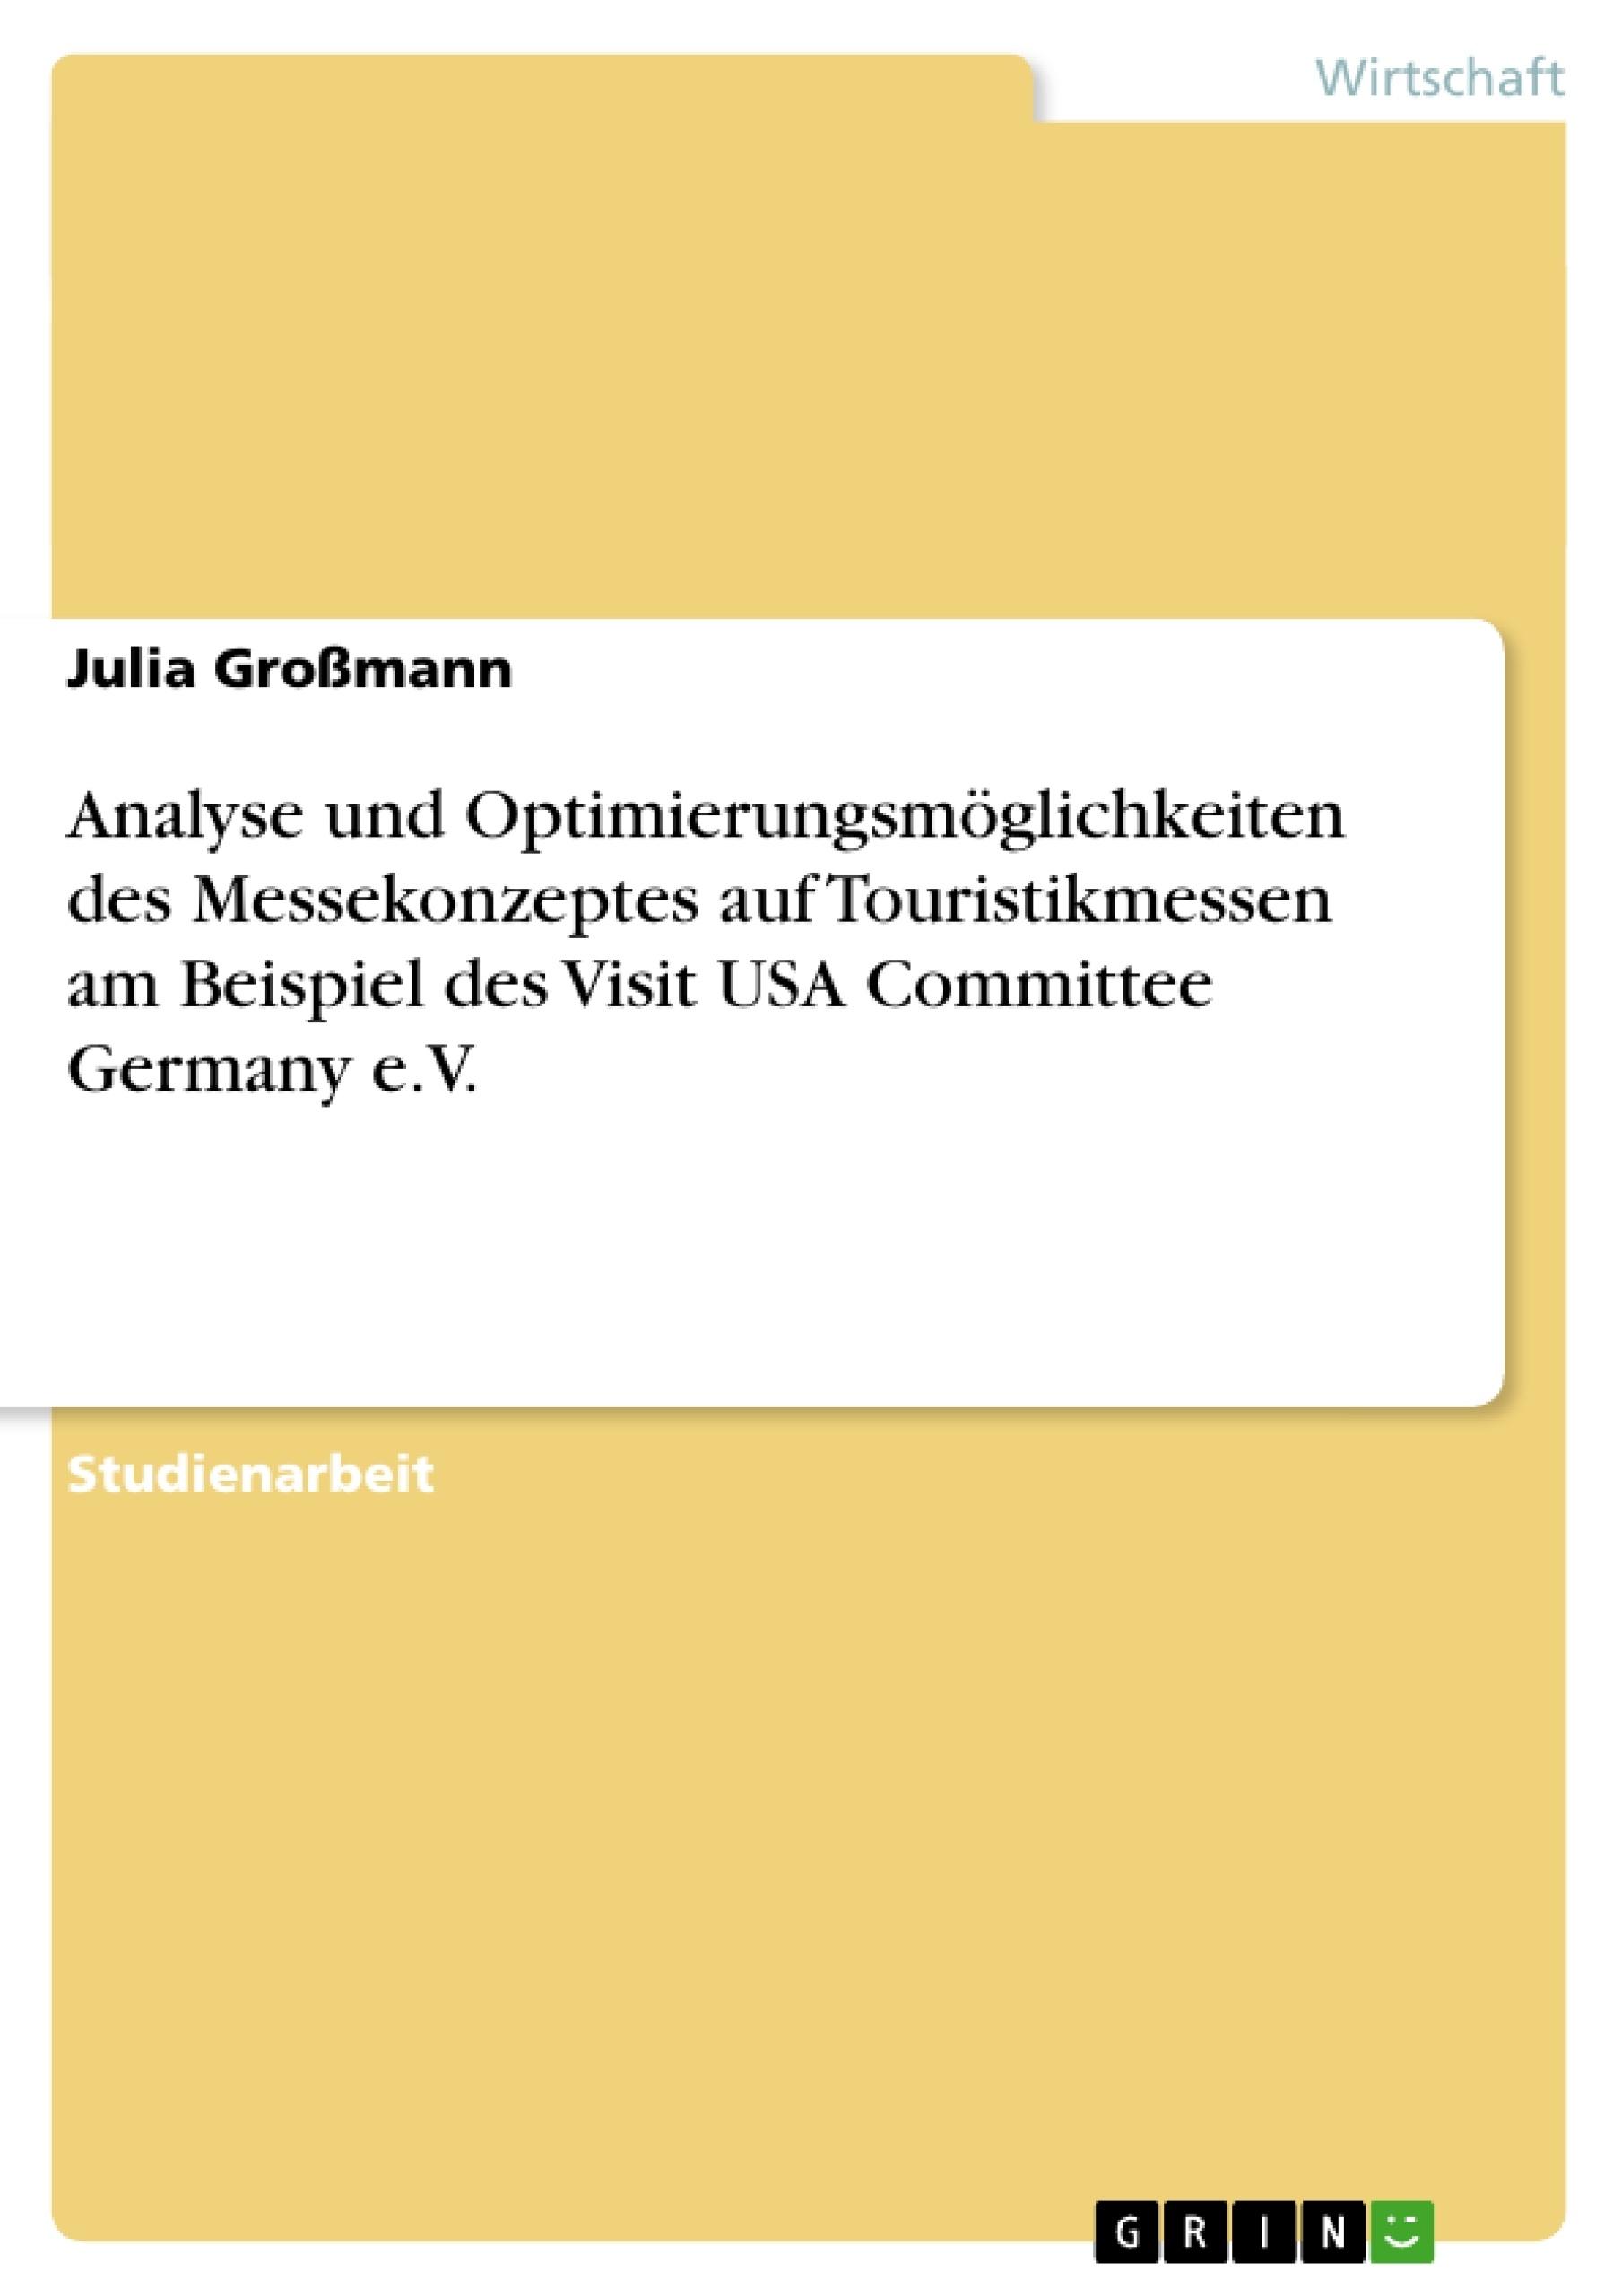 Titel: Analyse und Optimierungsmöglichkeiten des Messekonzeptes auf Touristikmessen am Beispiel des Visit USA Committee Germany e.V.